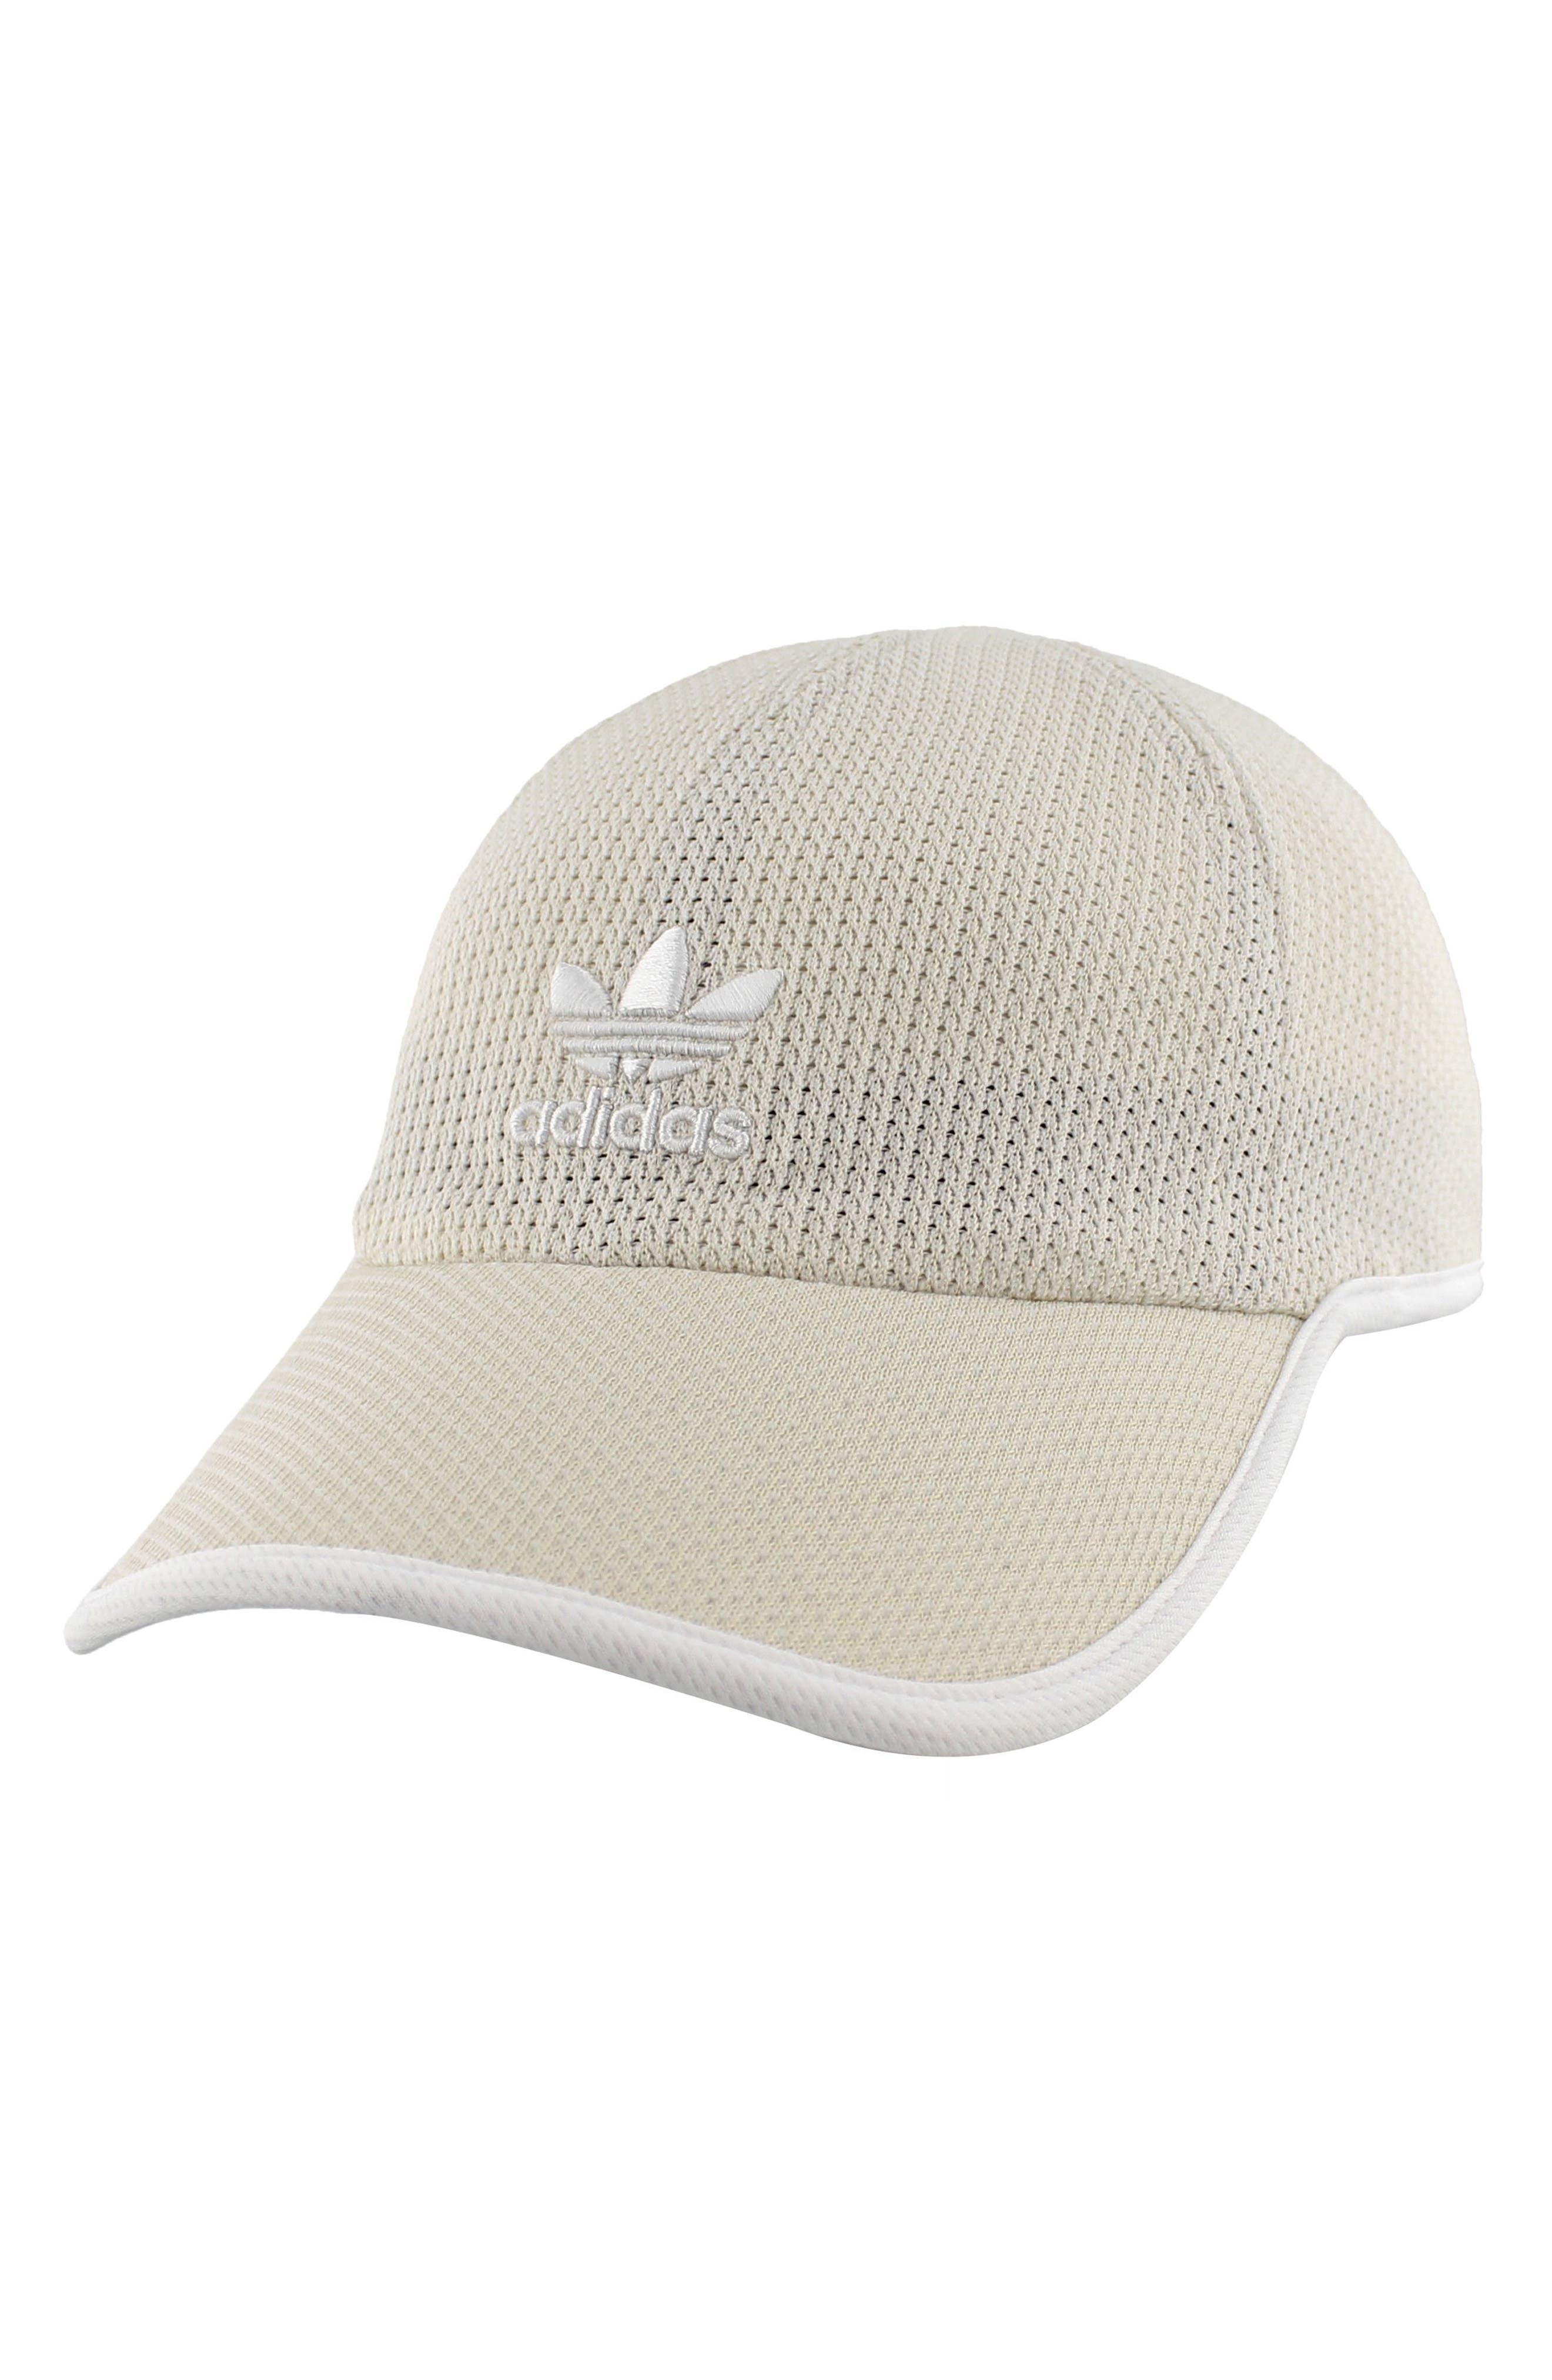 Prime Baseball Cap,                         Main,                         color, 200